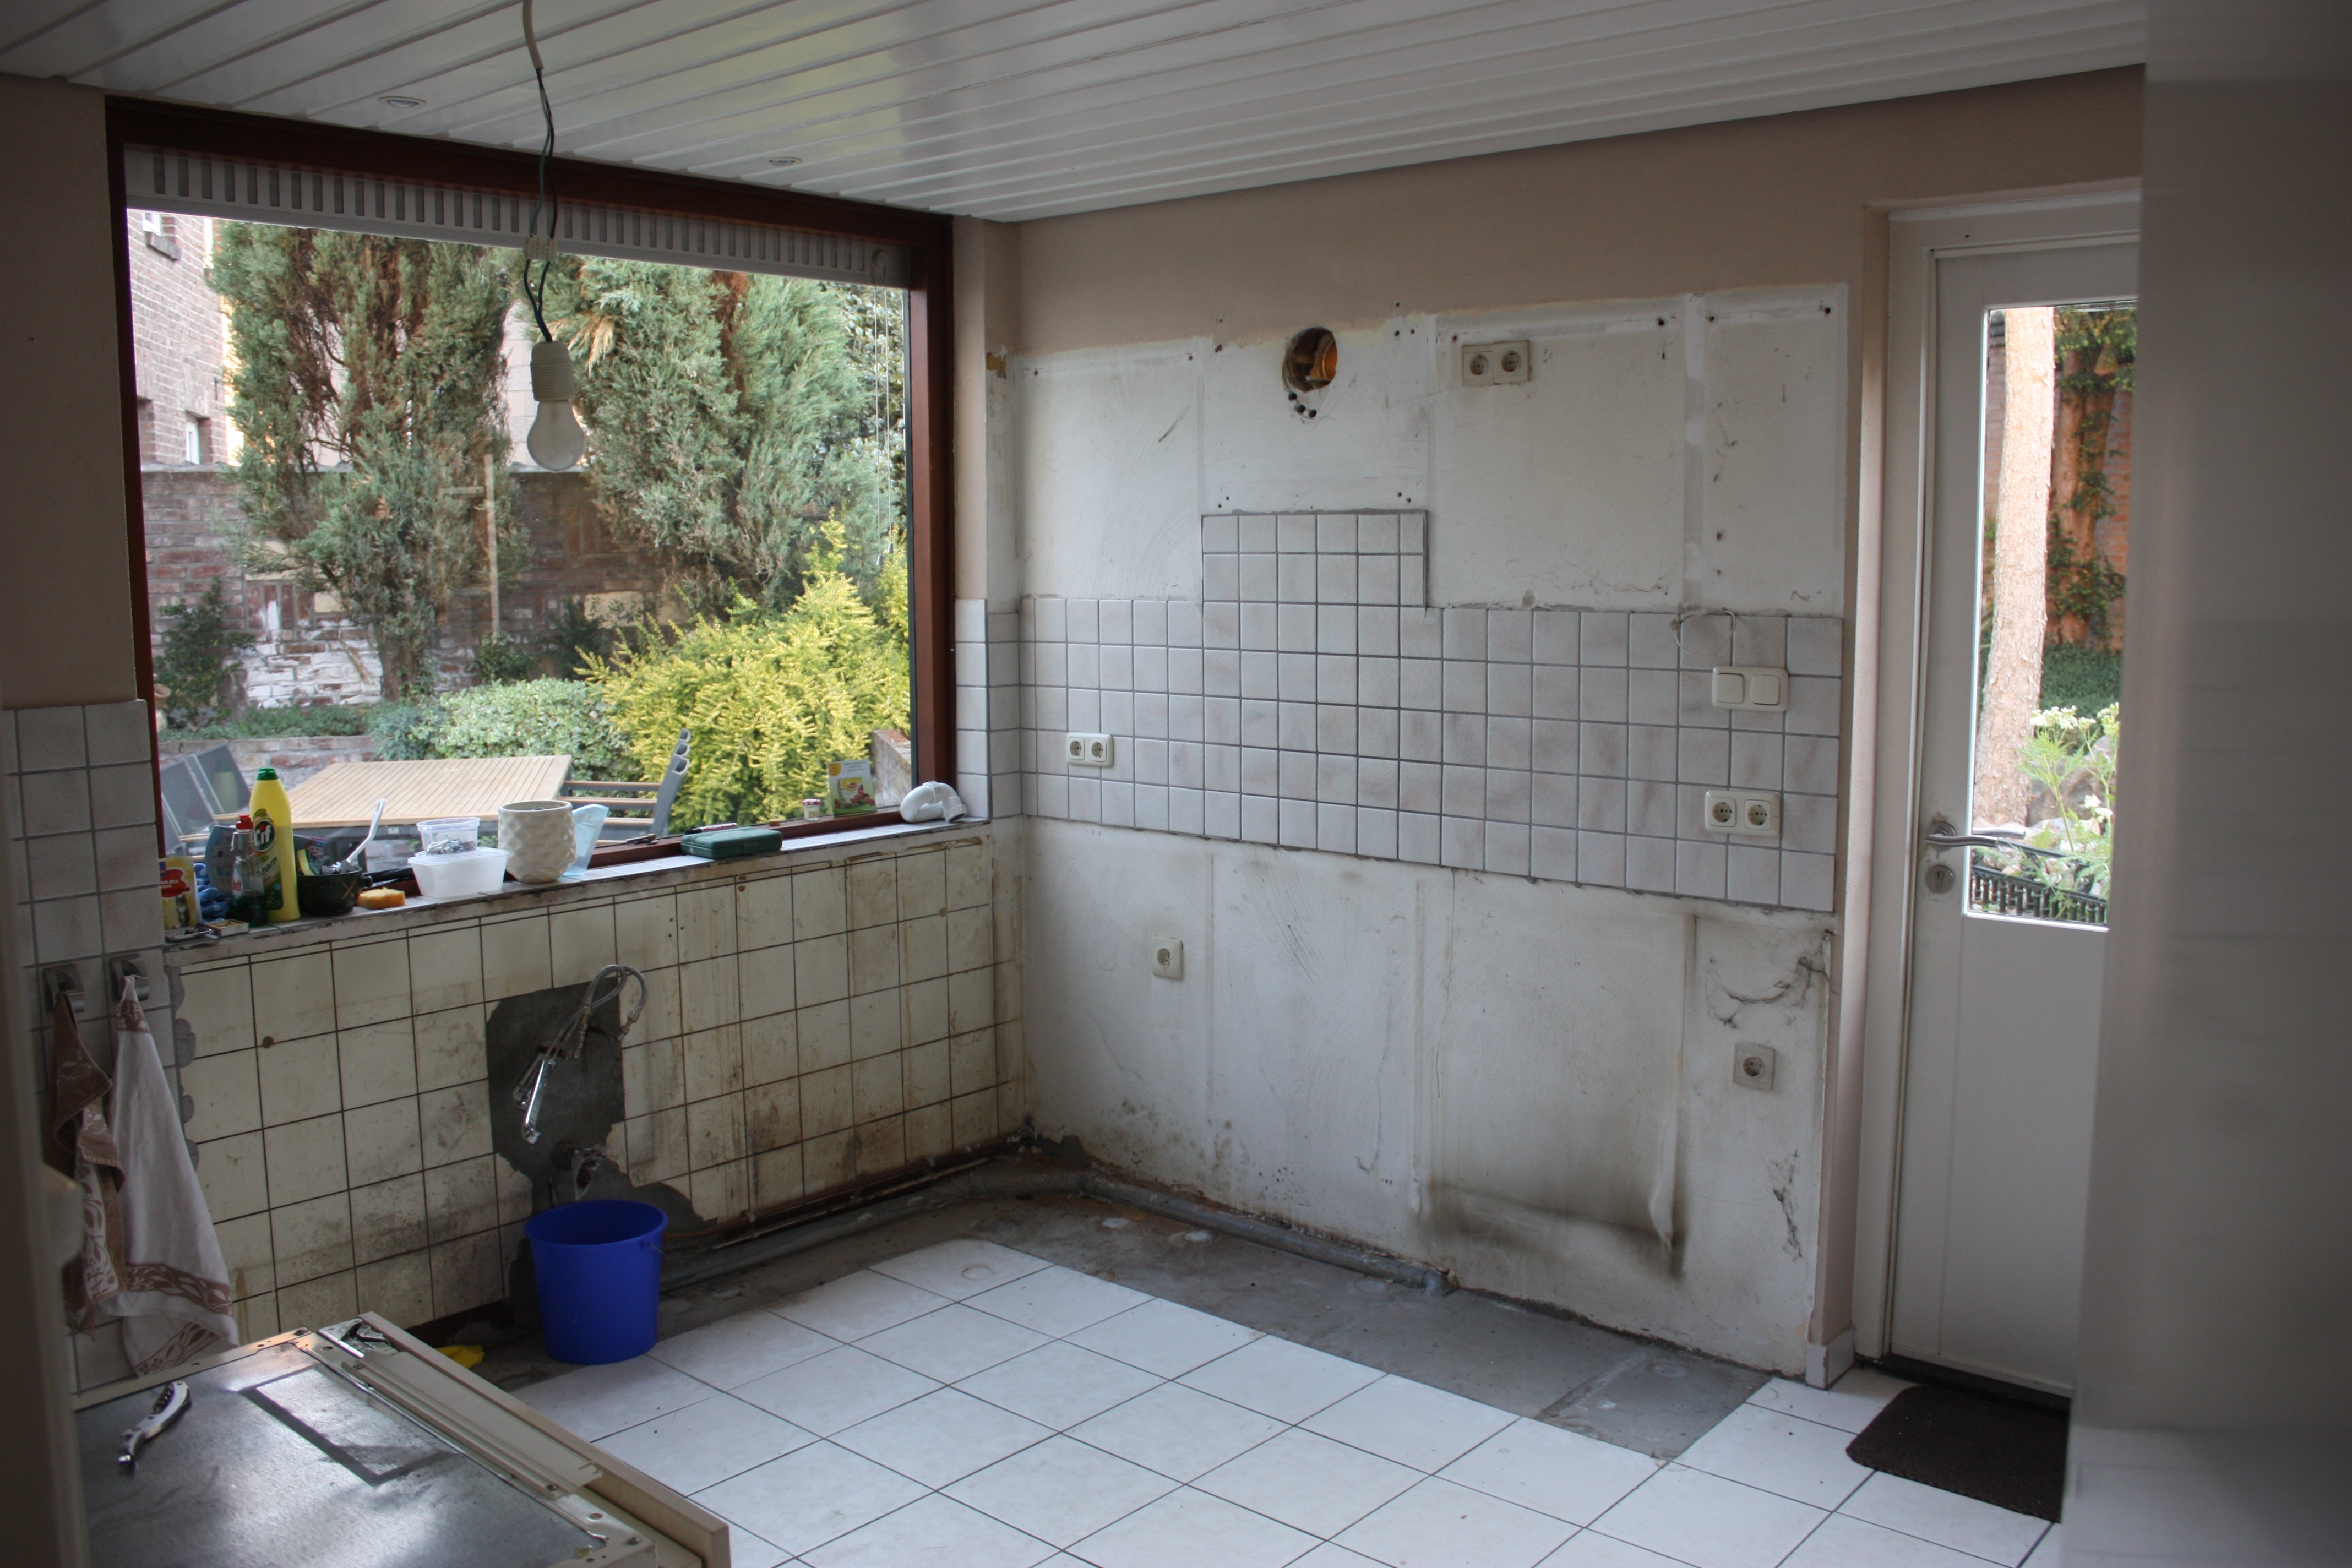 Keukenblok verwijderd